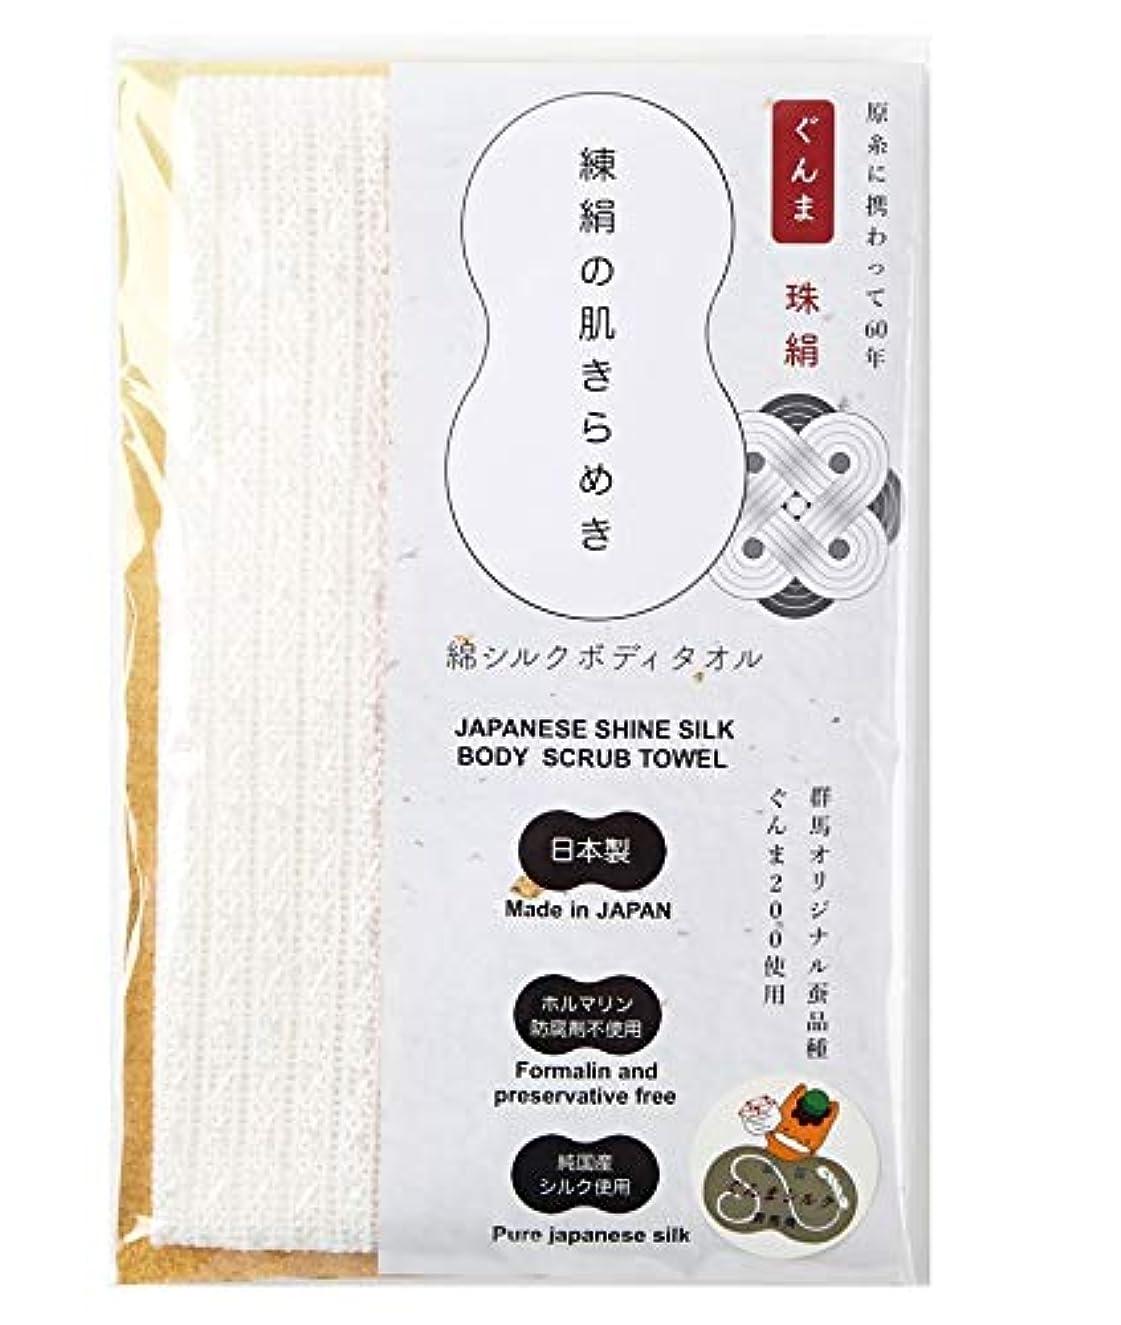 慎重ぶどう言い聞かせるくーる&ほっと 珠絹(たまぎぬ) 練絹の肌きらめき 純国産絹(ぐんまシルク)使用 日本製 綿シルクボディタオル